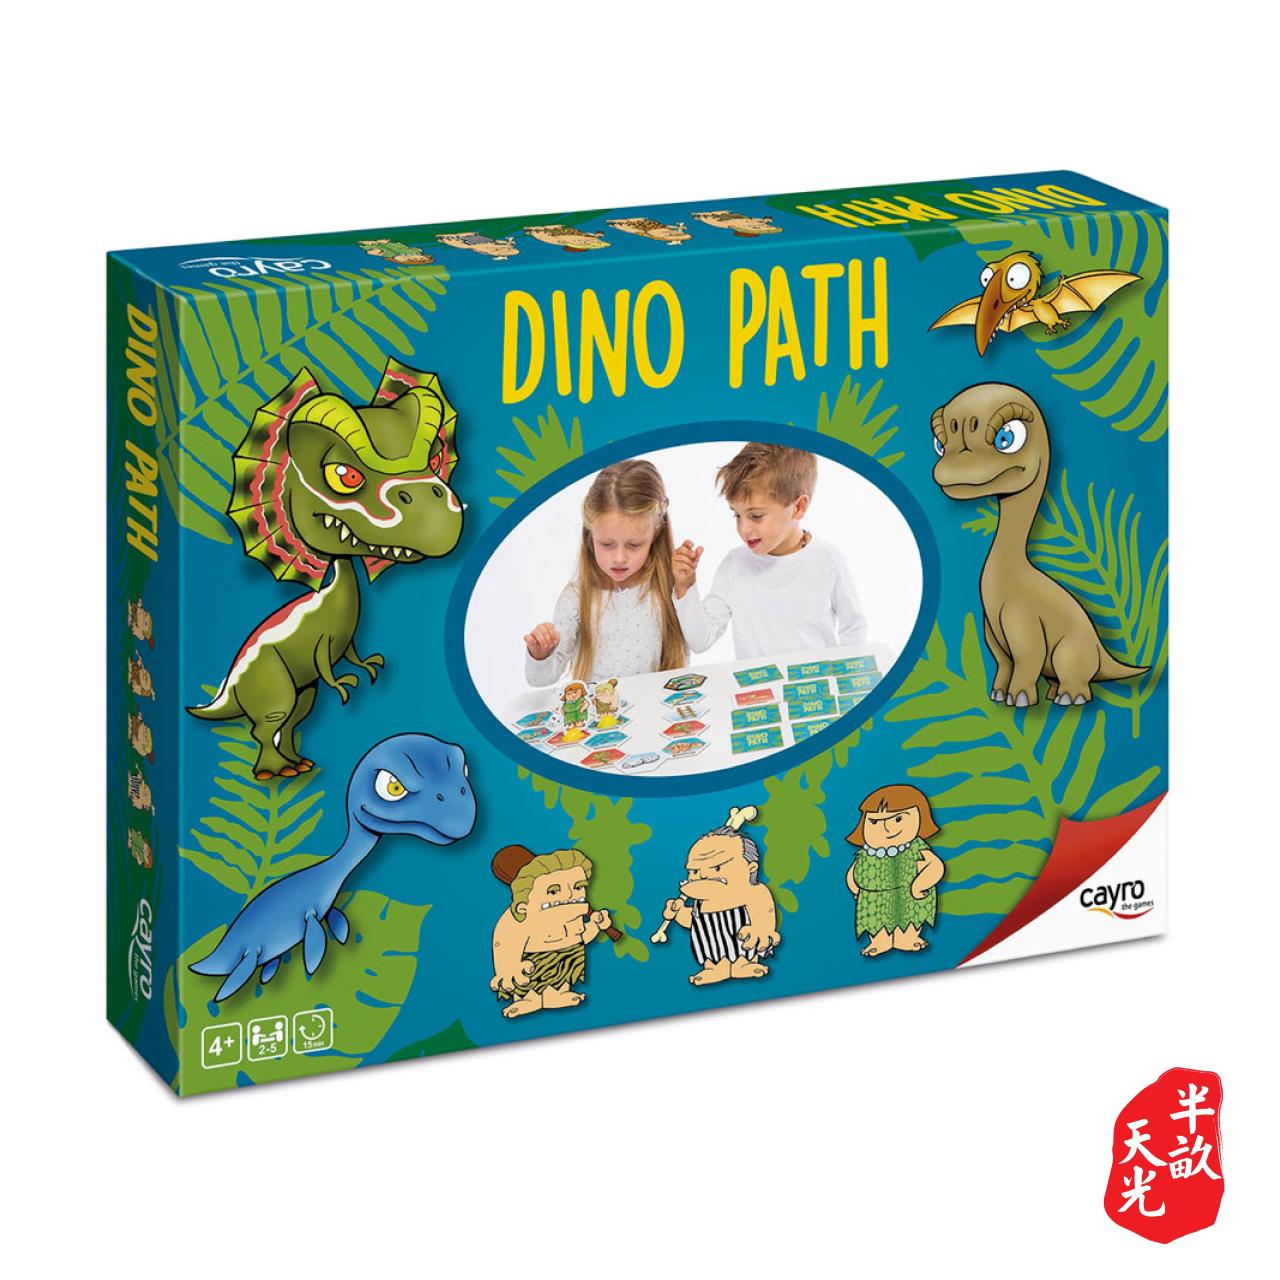 儿童桌游/儿童游戏/正版桌游: Dino Path 恐龙竞赛